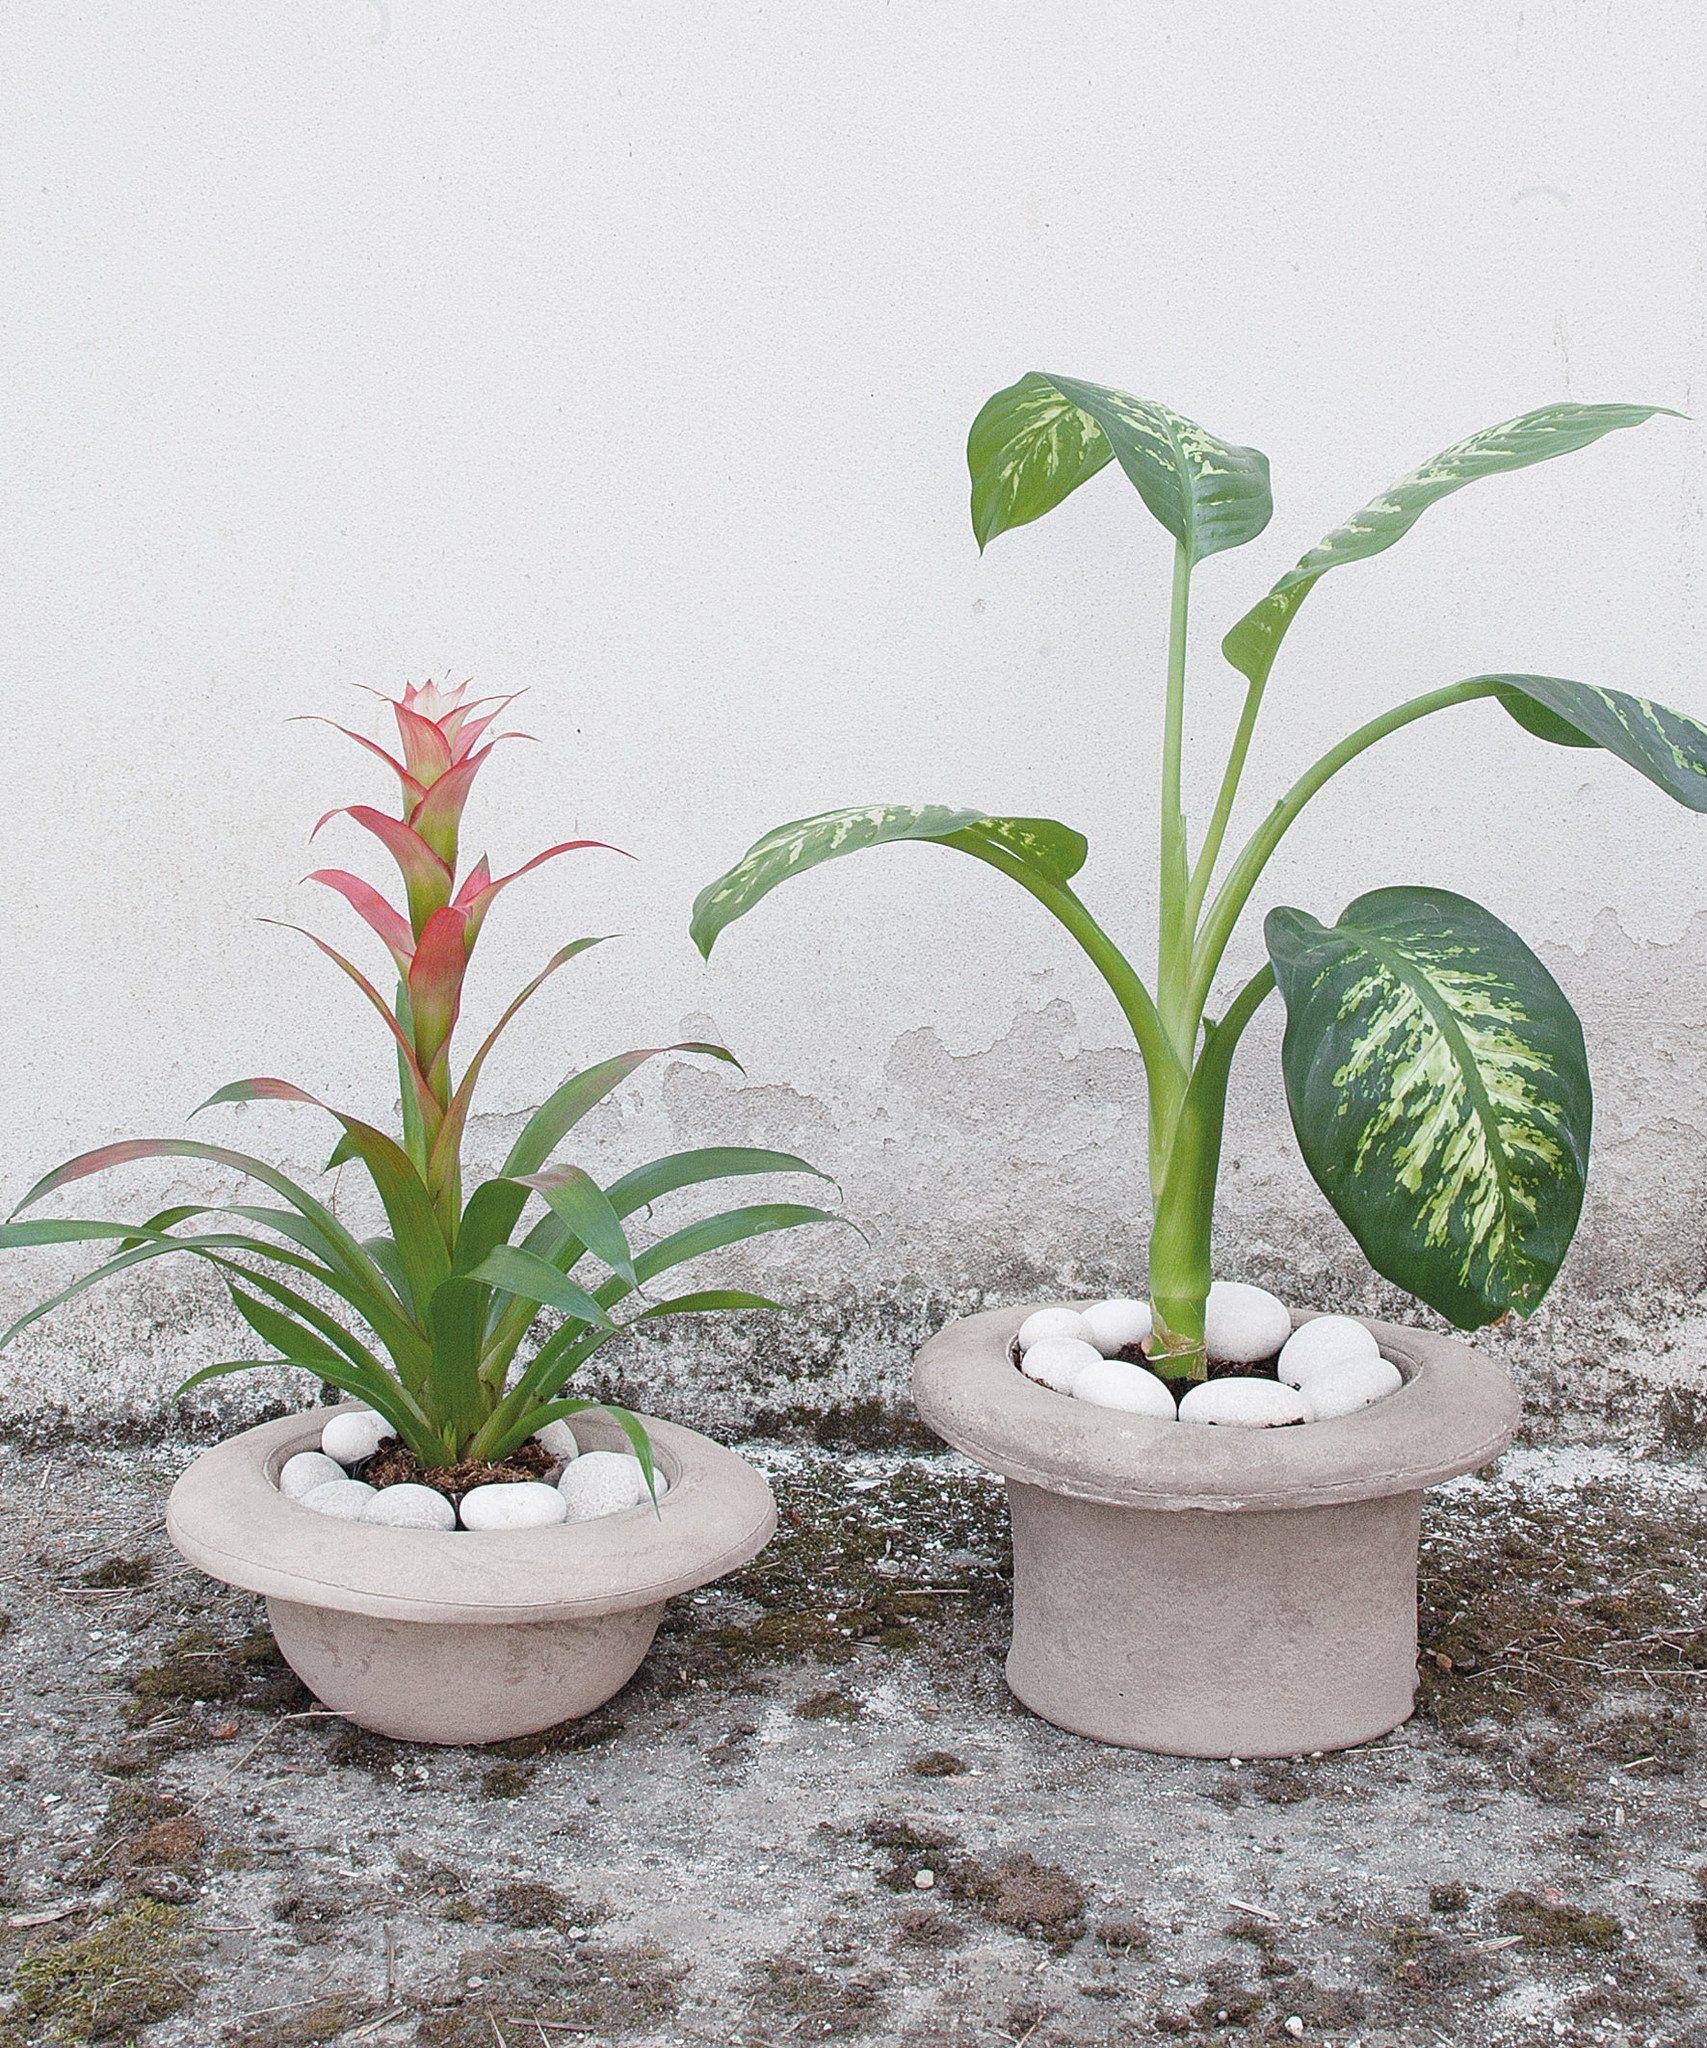 Chapeau bombetta cement vase cement vase plants vase